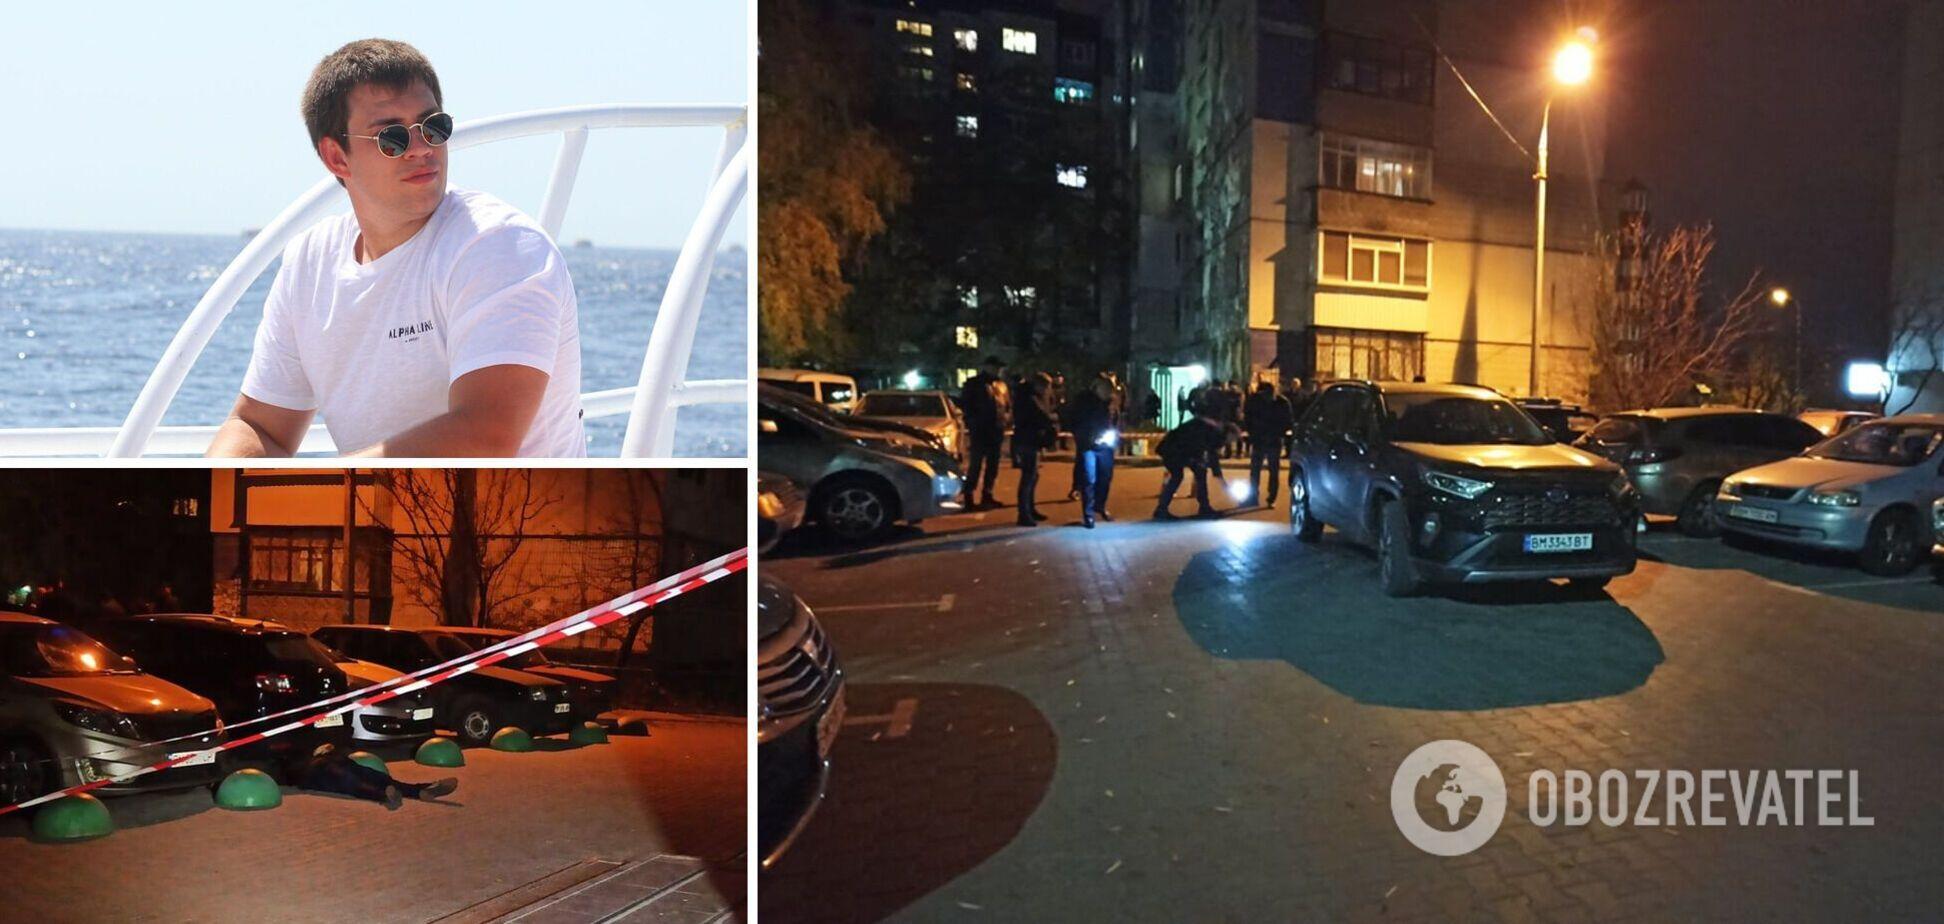 В Сумах застрелили одного из лидеров местной ячейки ''Правого сектора'': в полиции озвучили две версии. Фото